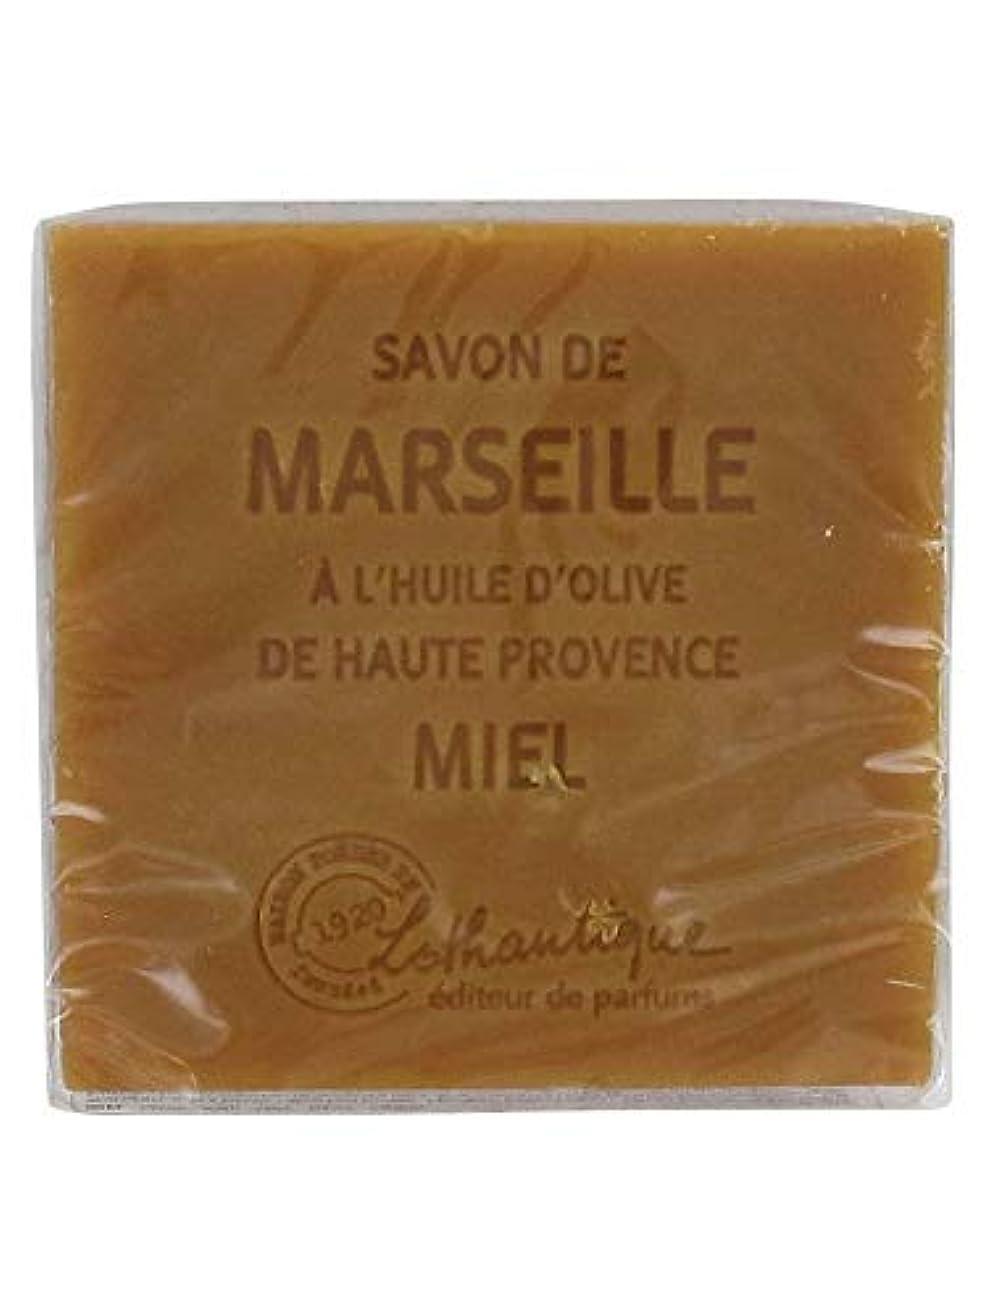 連続的放課後真珠のようなLothantique(ロタンティック) Les savons de Marseille(マルセイユソープ) マルセイユソープ 100g 「ハニー」 3420070038074